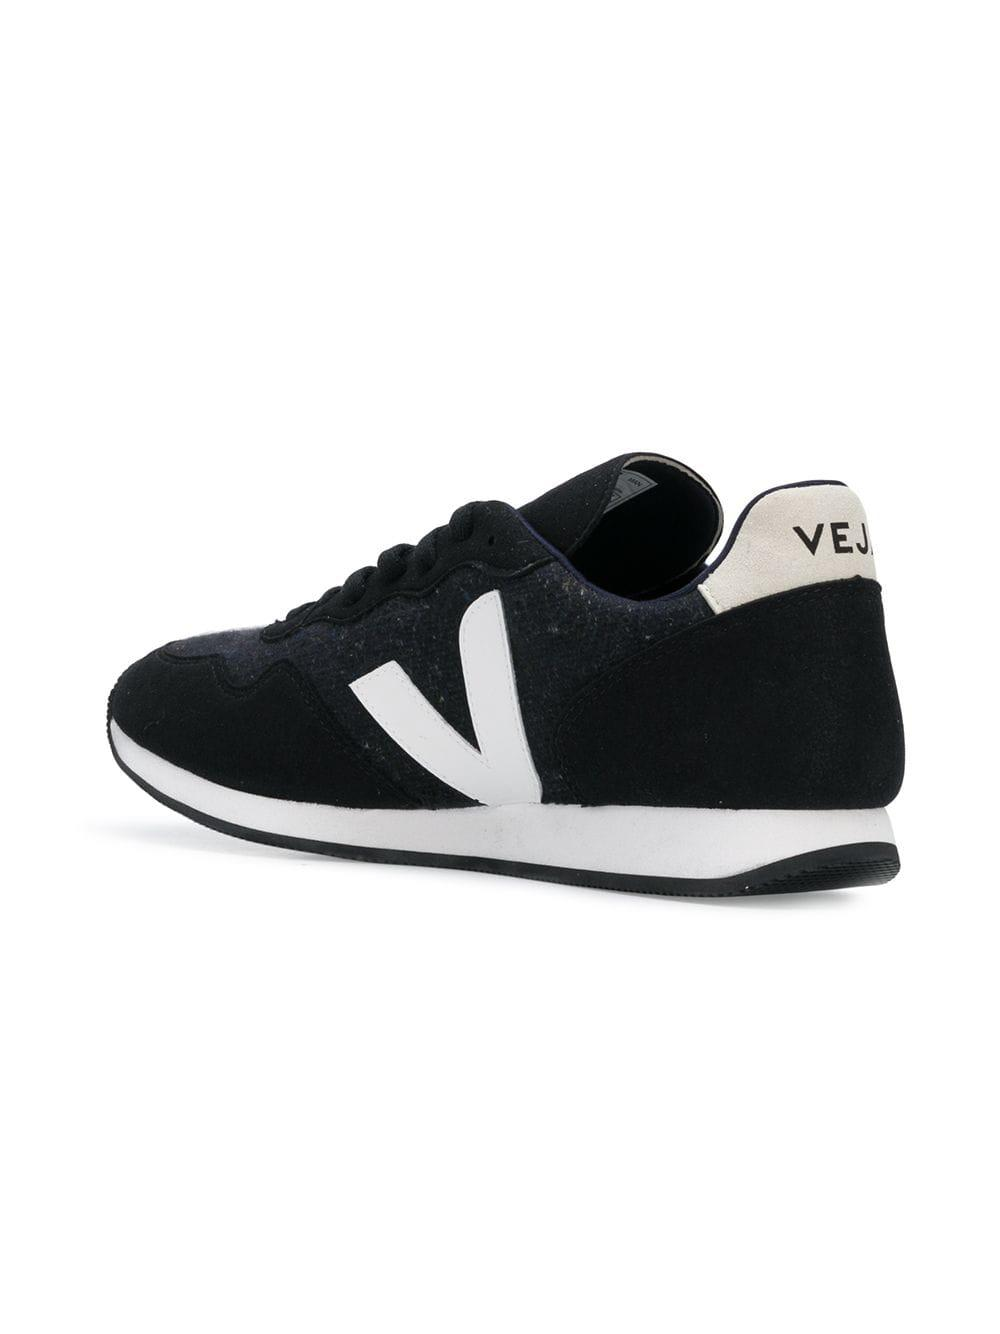 Veja Rubber Contrast Logo Sneakers in Black for Men